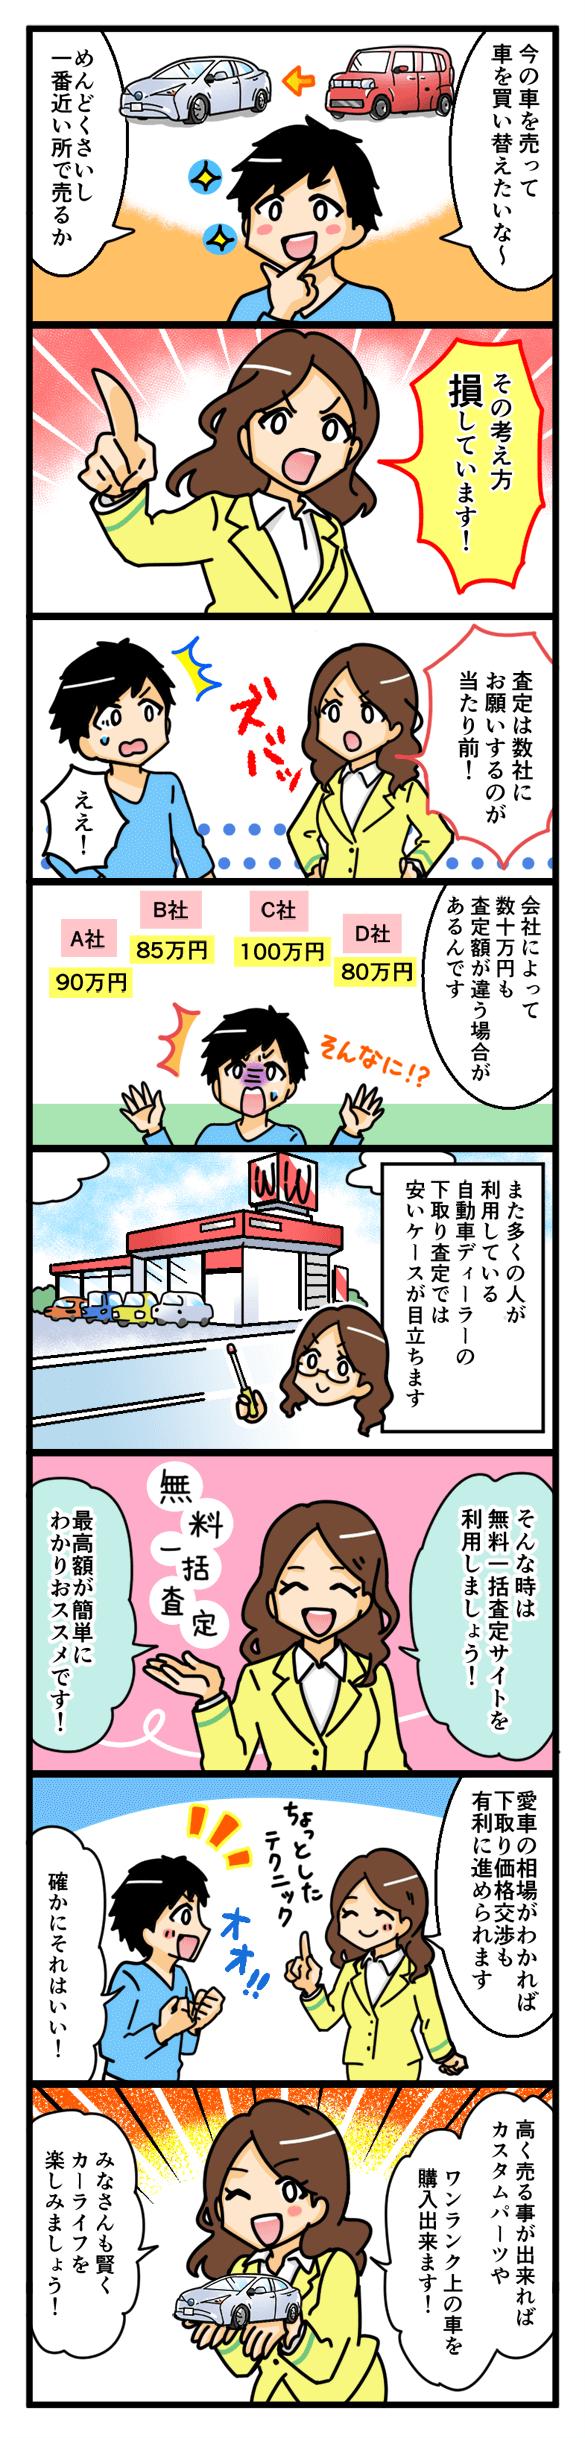 一括査定の漫画